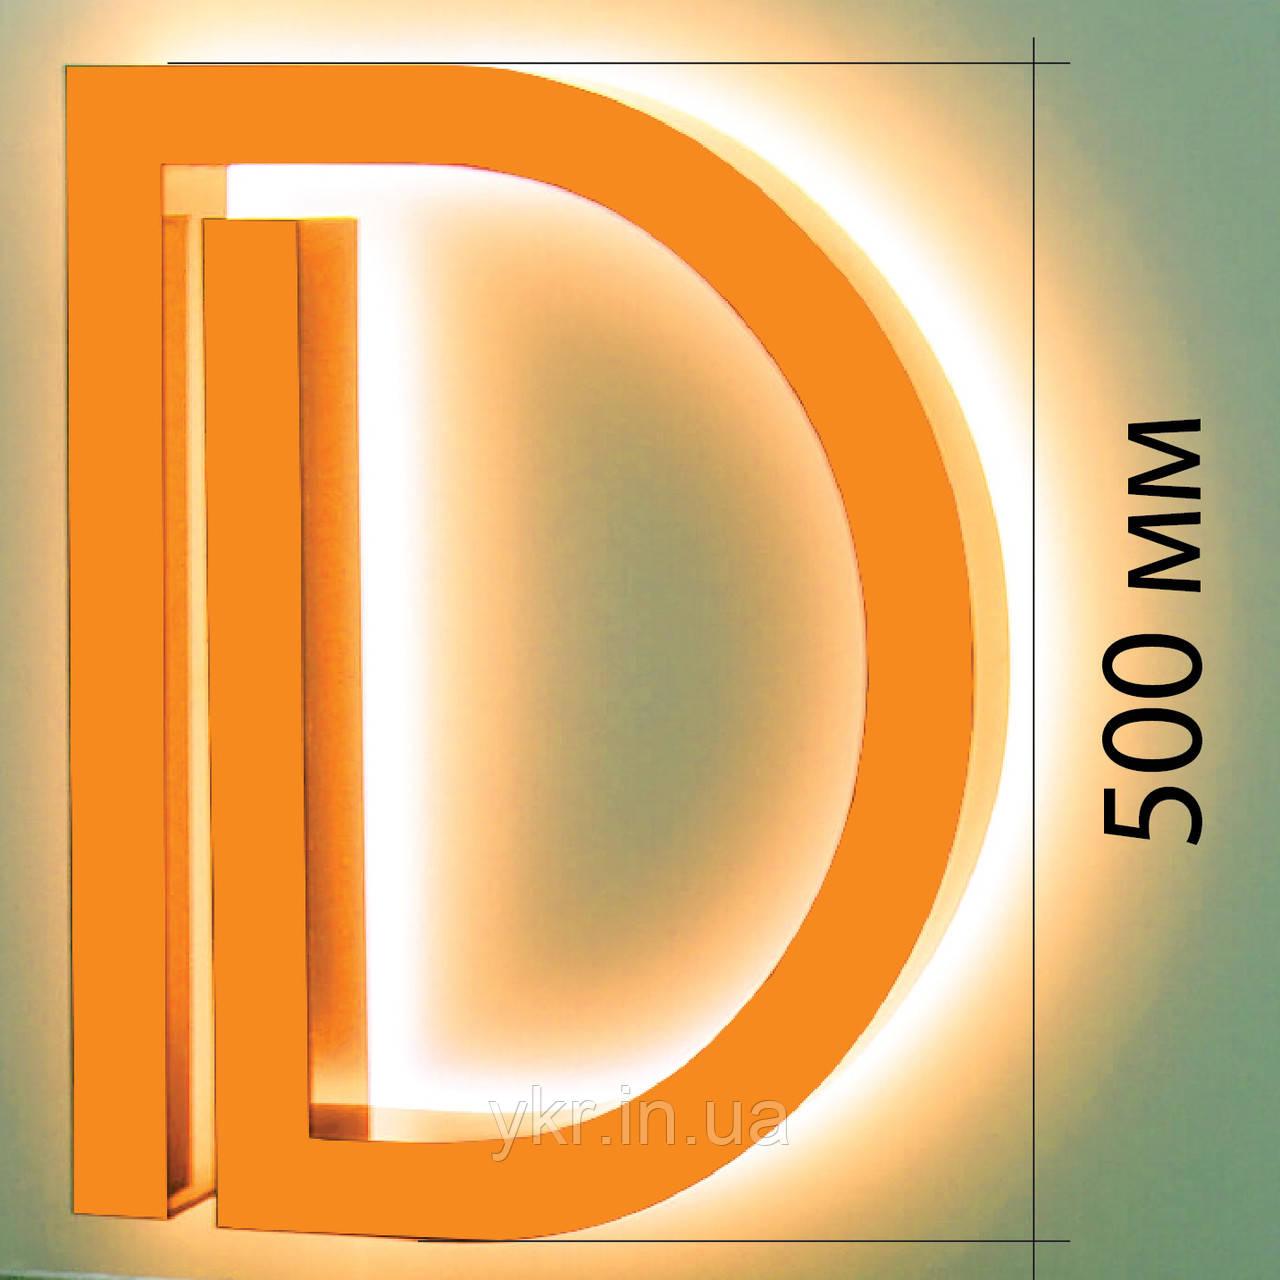 Объемная световая буква с контражур подсветкой 50 см